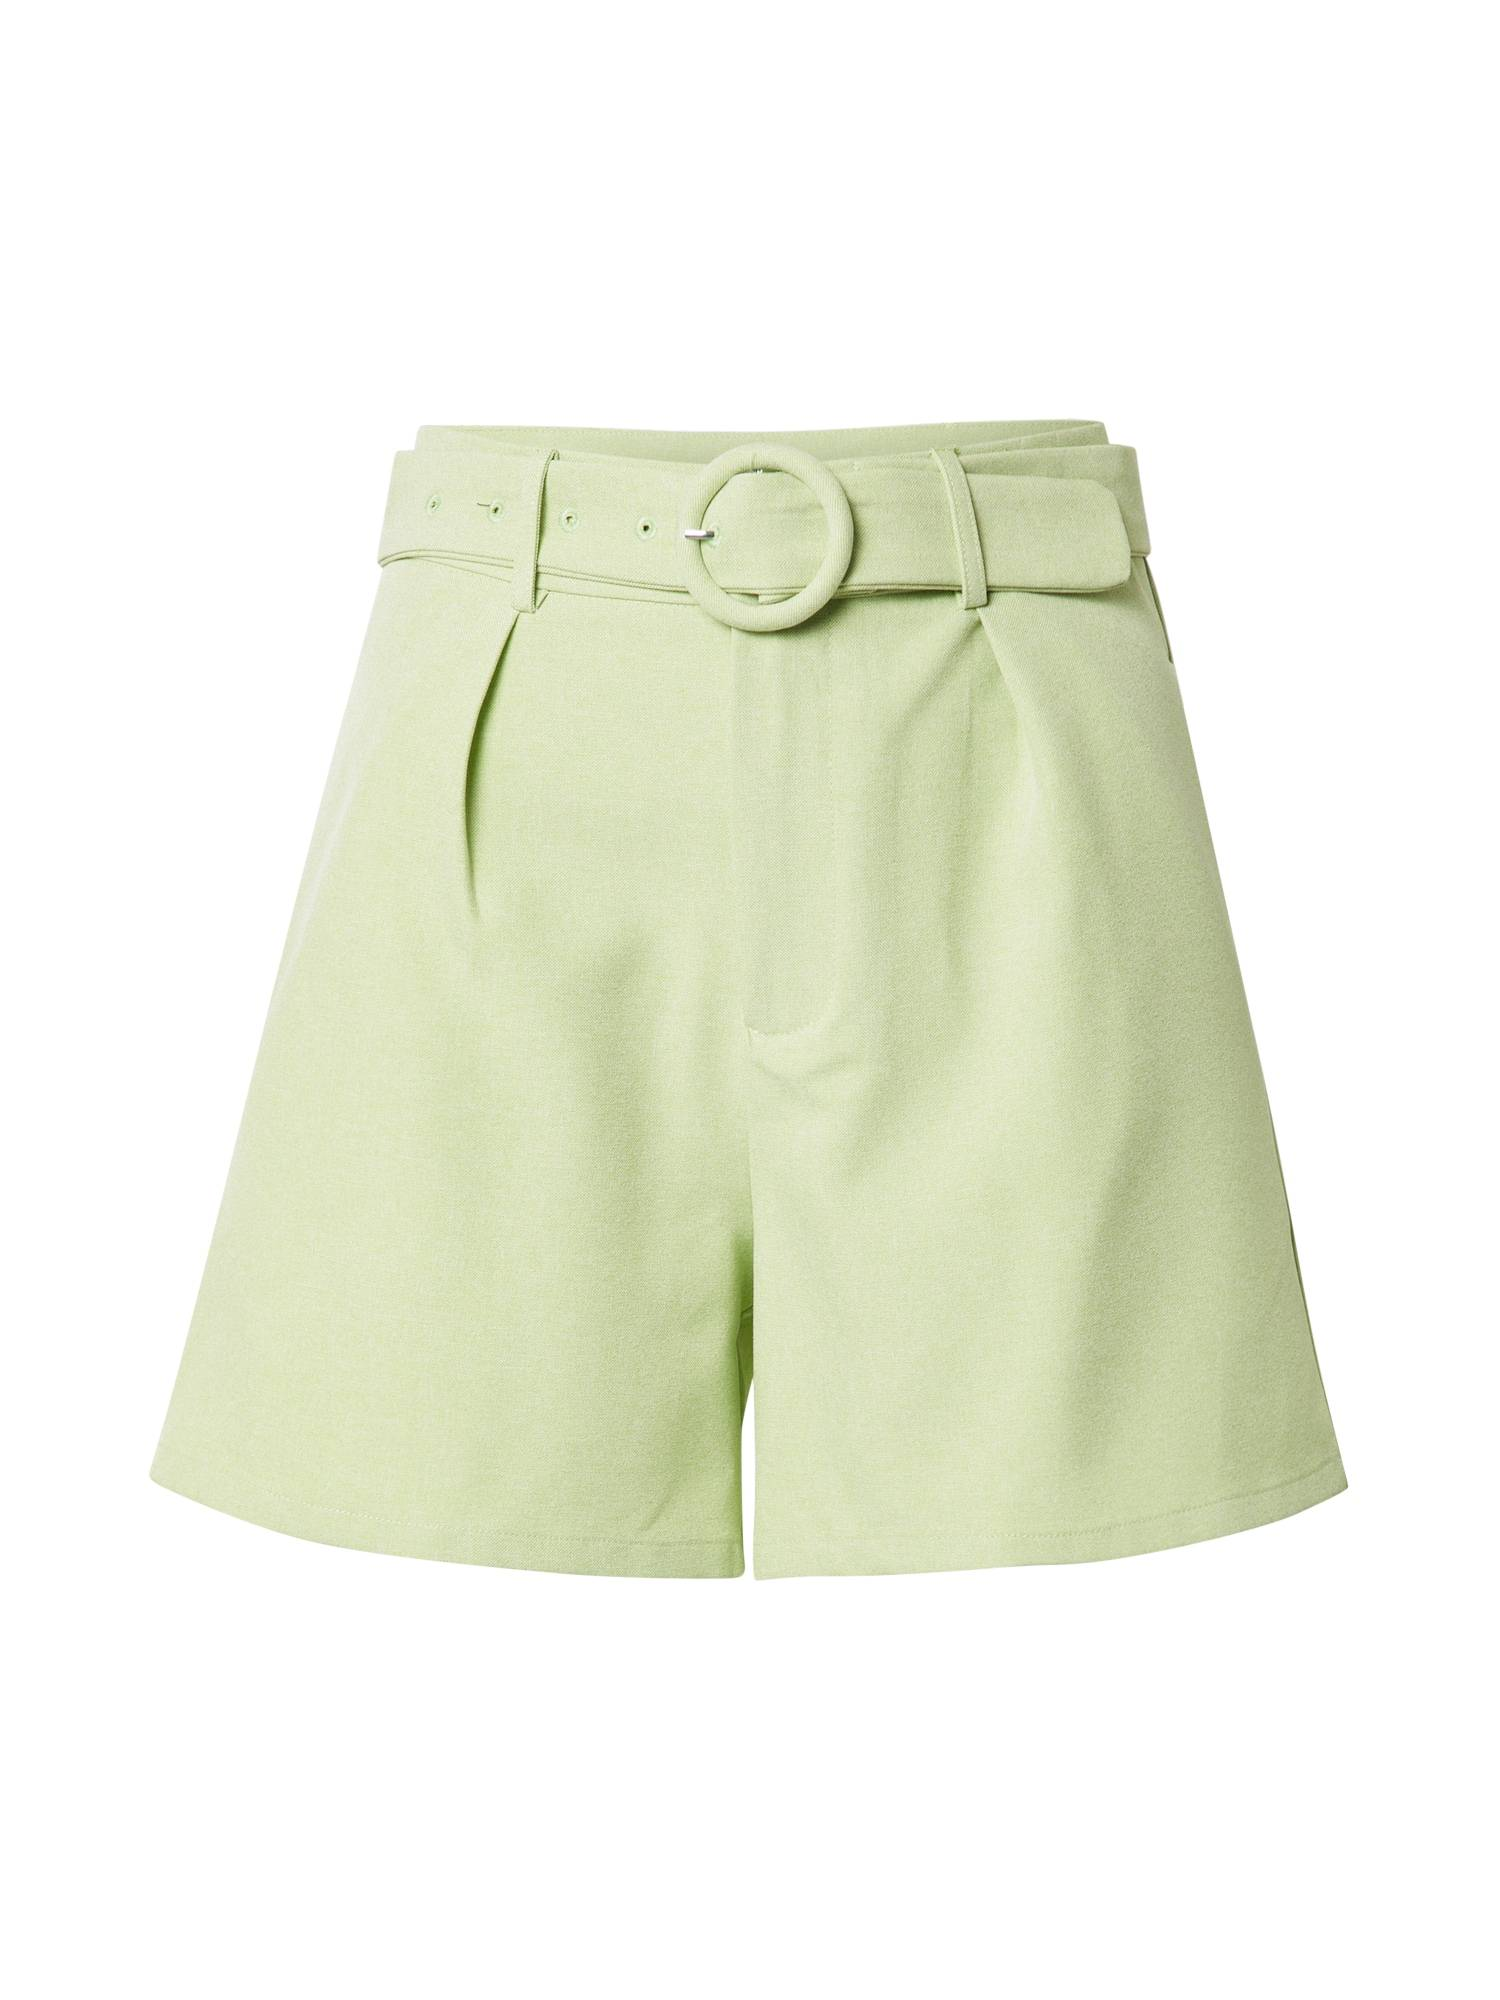 Fashion Union Pantalon à pince 'JESSIE'  - Vert - Taille: 16 - female